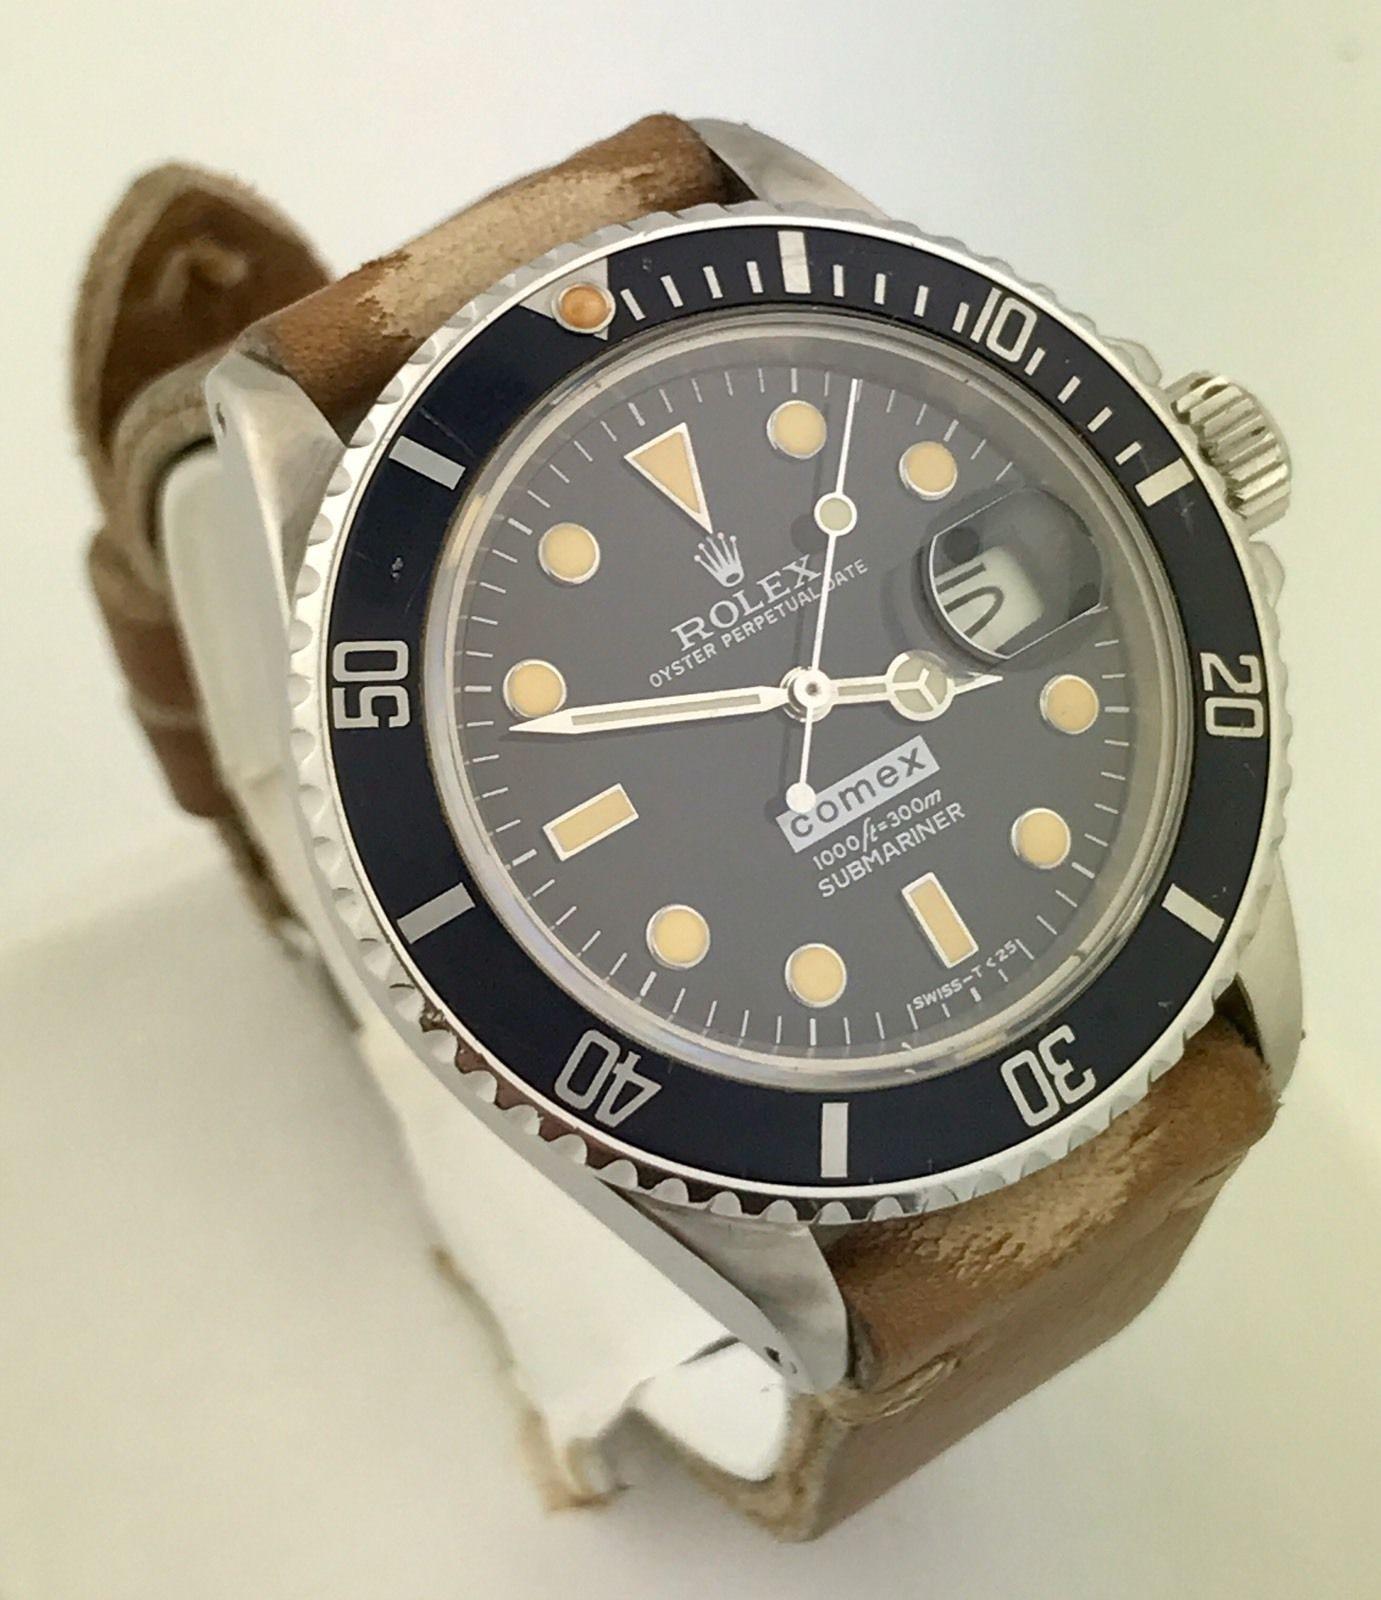 s l1600 1 - Rolex Submariner